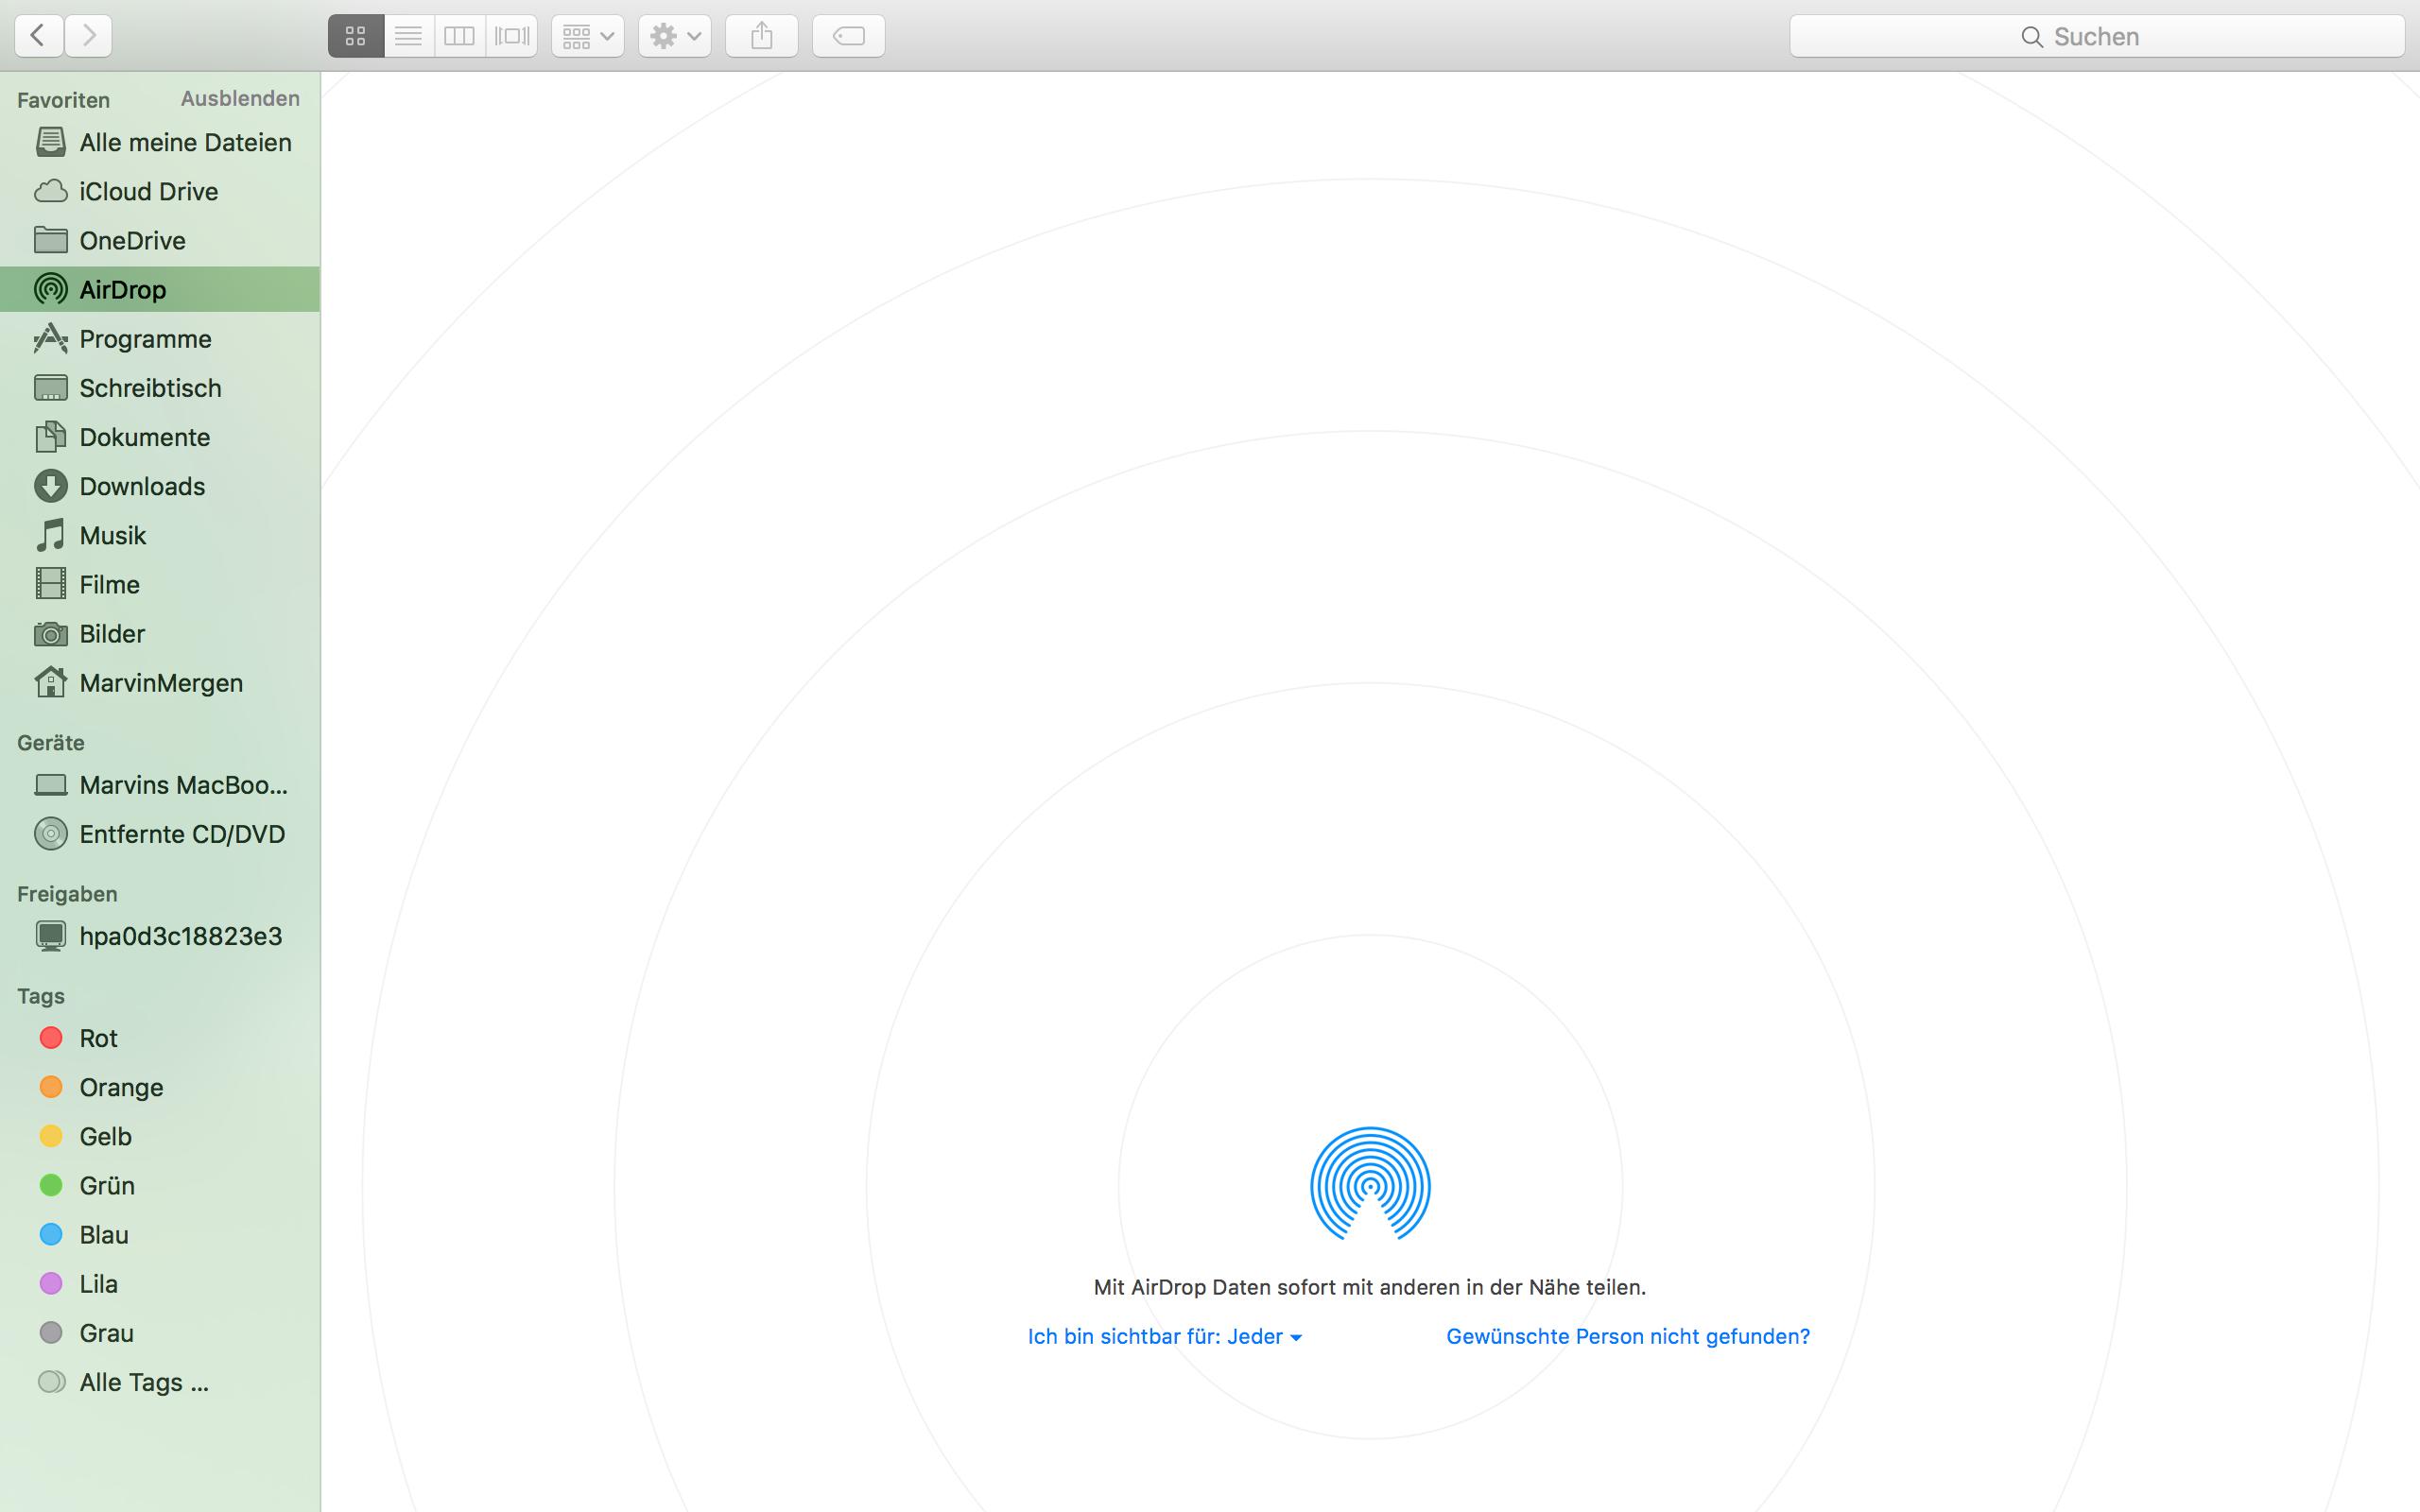 Mac Findet Iphone Nicht Bei Airdrop Technik Apple Wlan